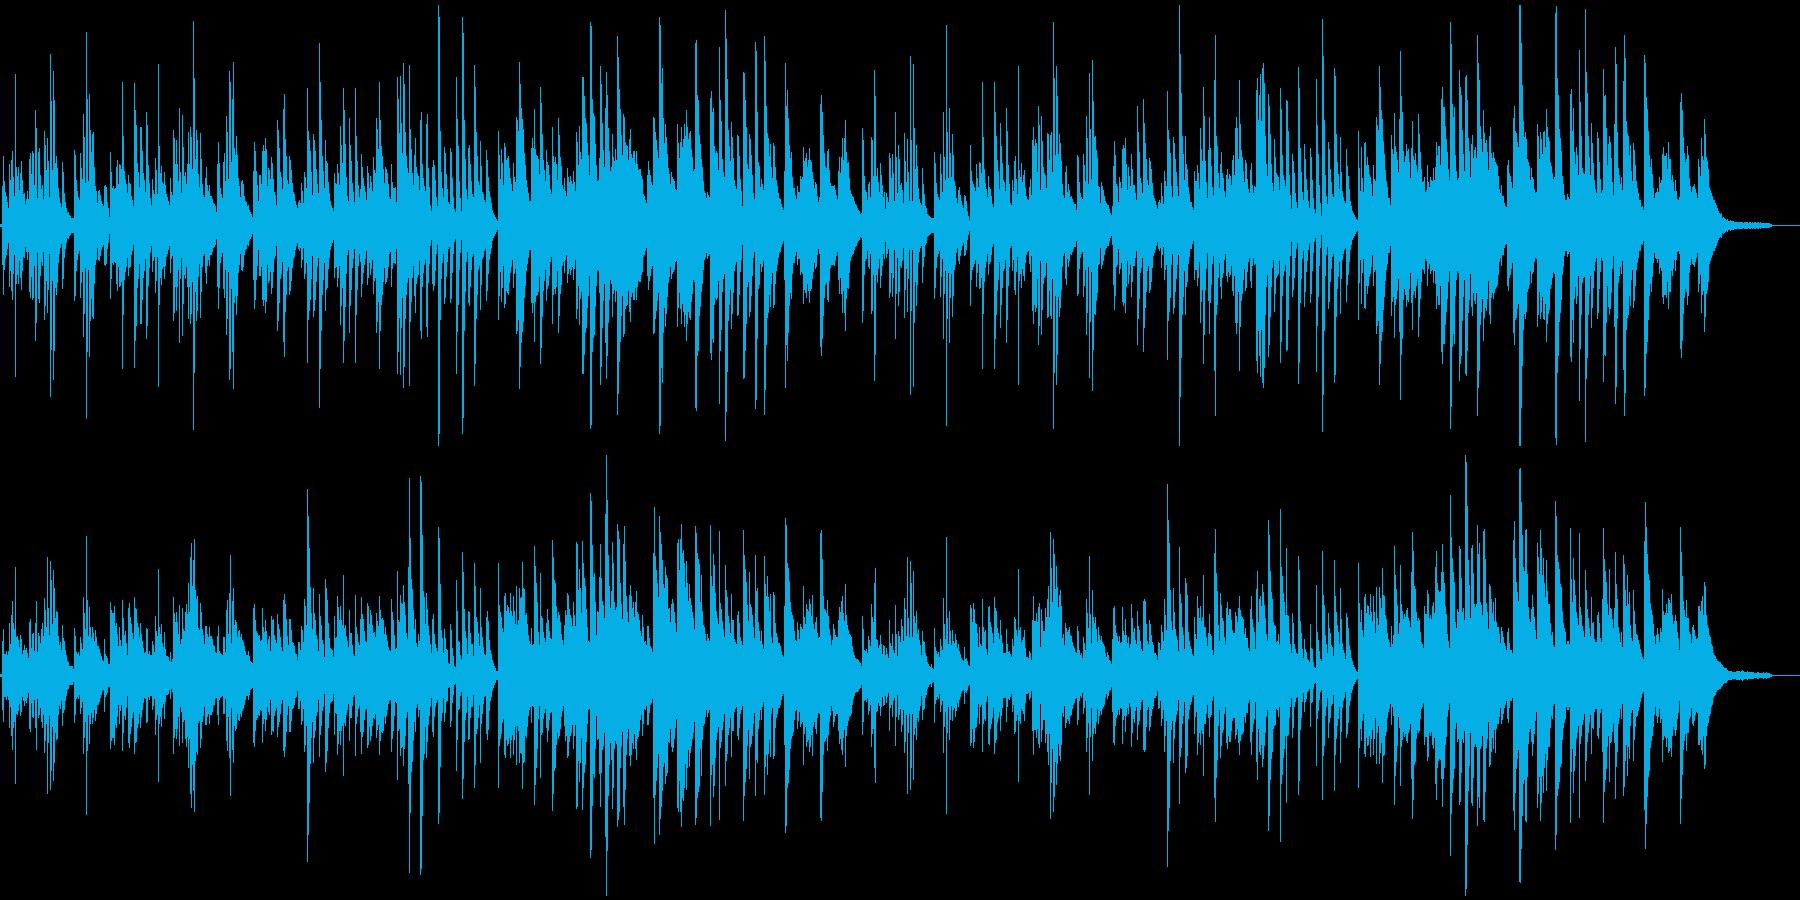 やさしい3拍子のピアノ曲の再生済みの波形